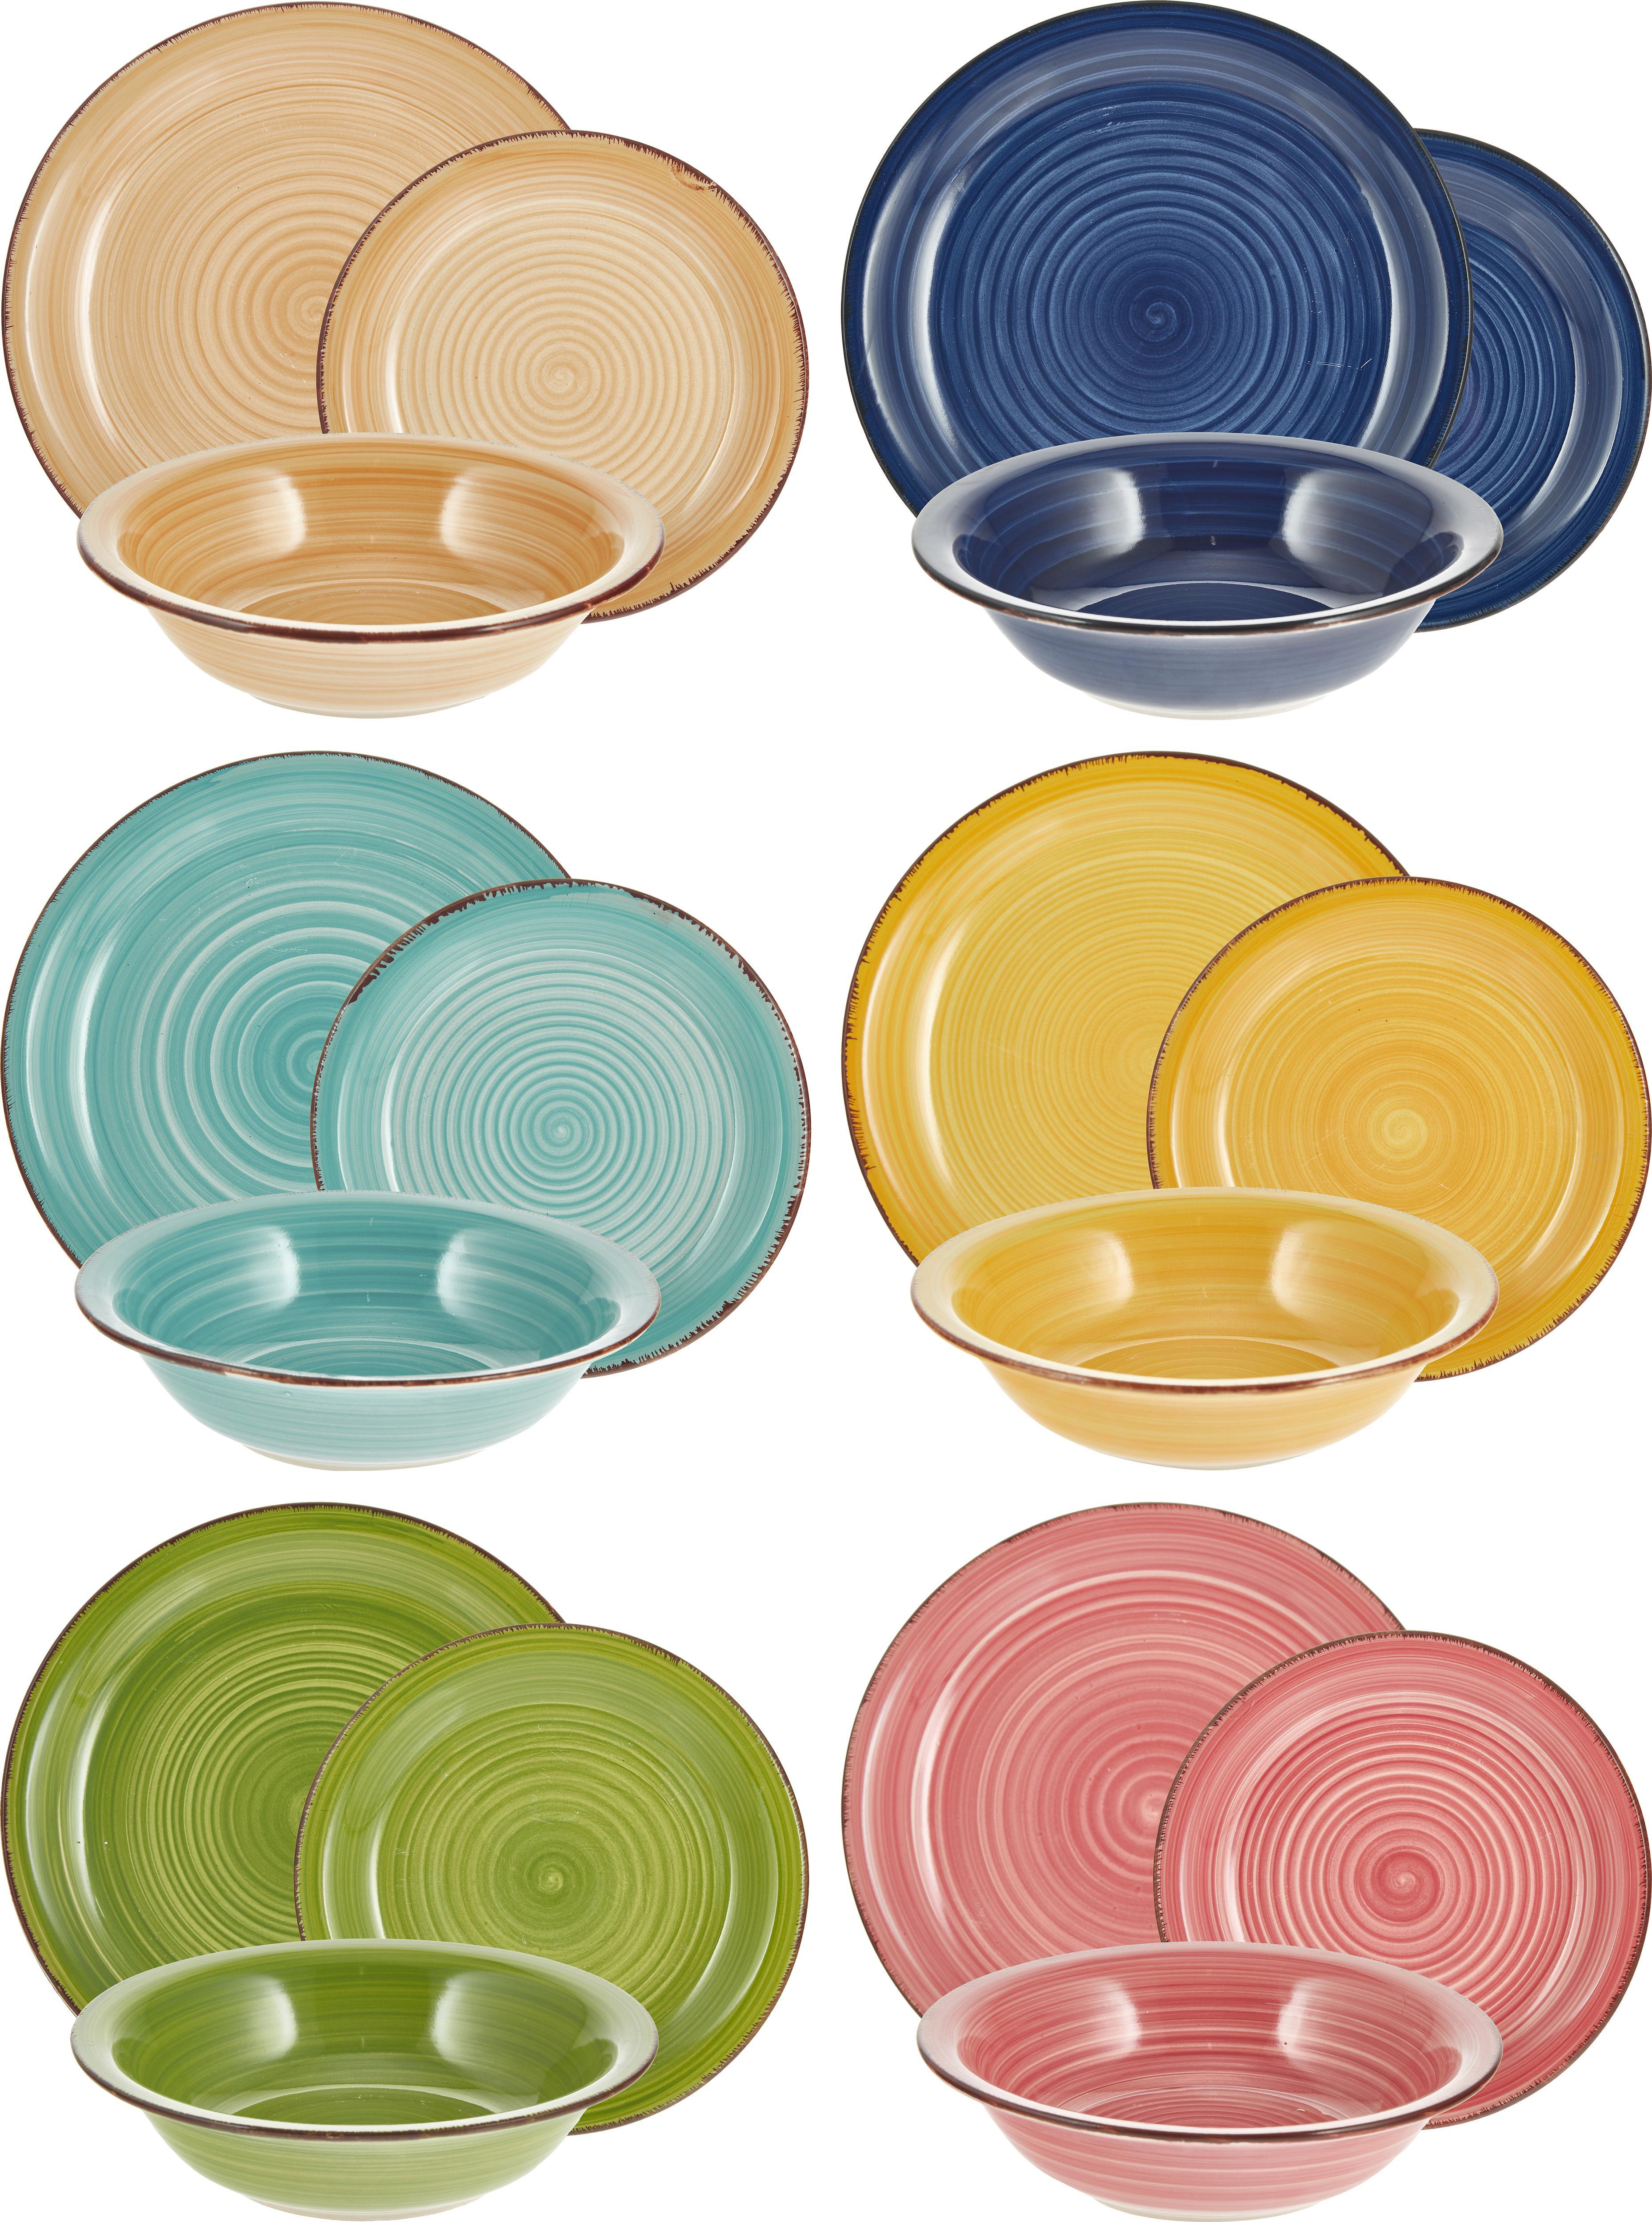 Serviesset Baita, 6 personen (18-delig), Handbeschilderde keramiek (hard dolomiet), Donkerblauw, rood, groen, turquoise, geel, lichtoranje, Verschillende formaten